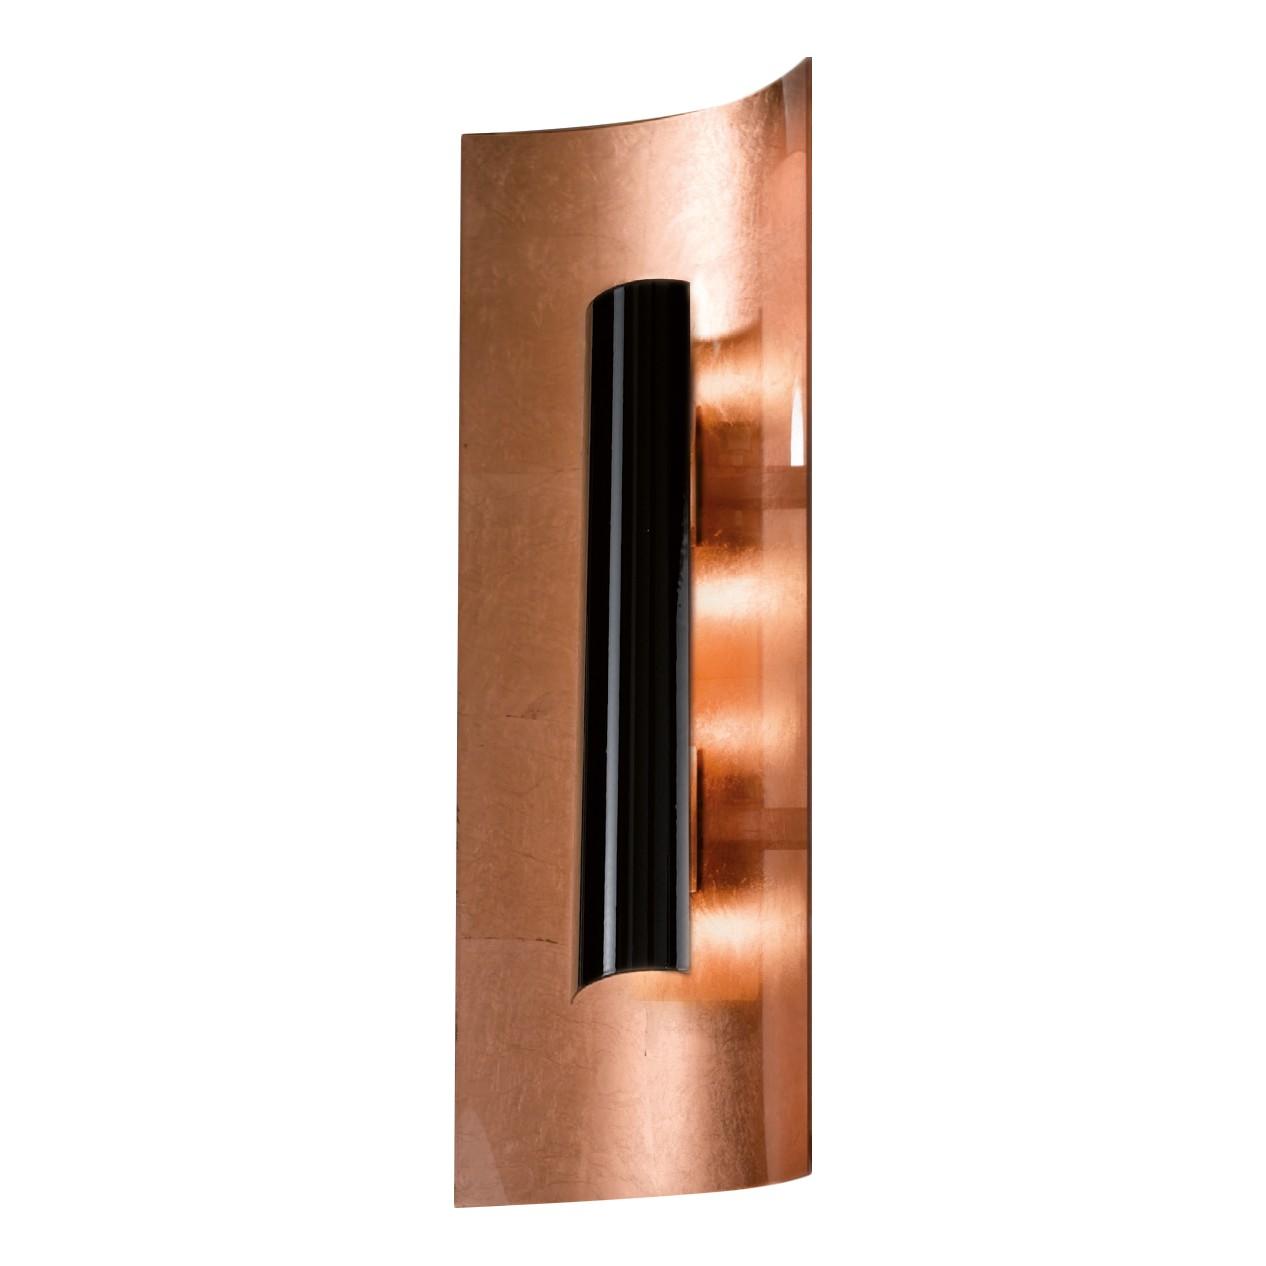 deckenleuchte aura kupfer metall glas kupfer schwarz 3. Black Bedroom Furniture Sets. Home Design Ideas